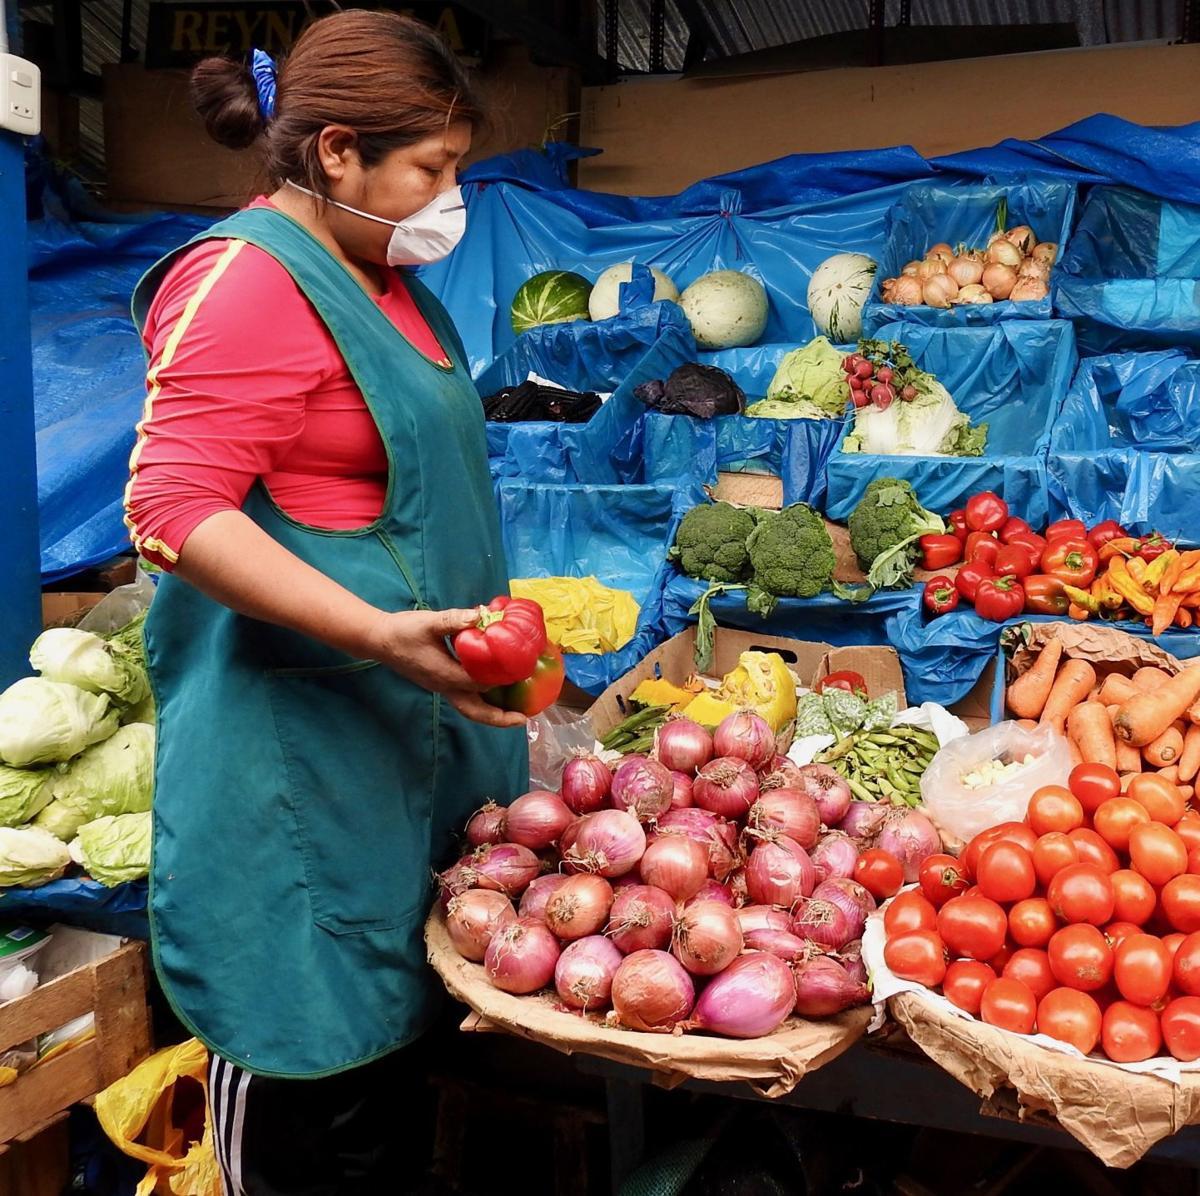 peru market worker